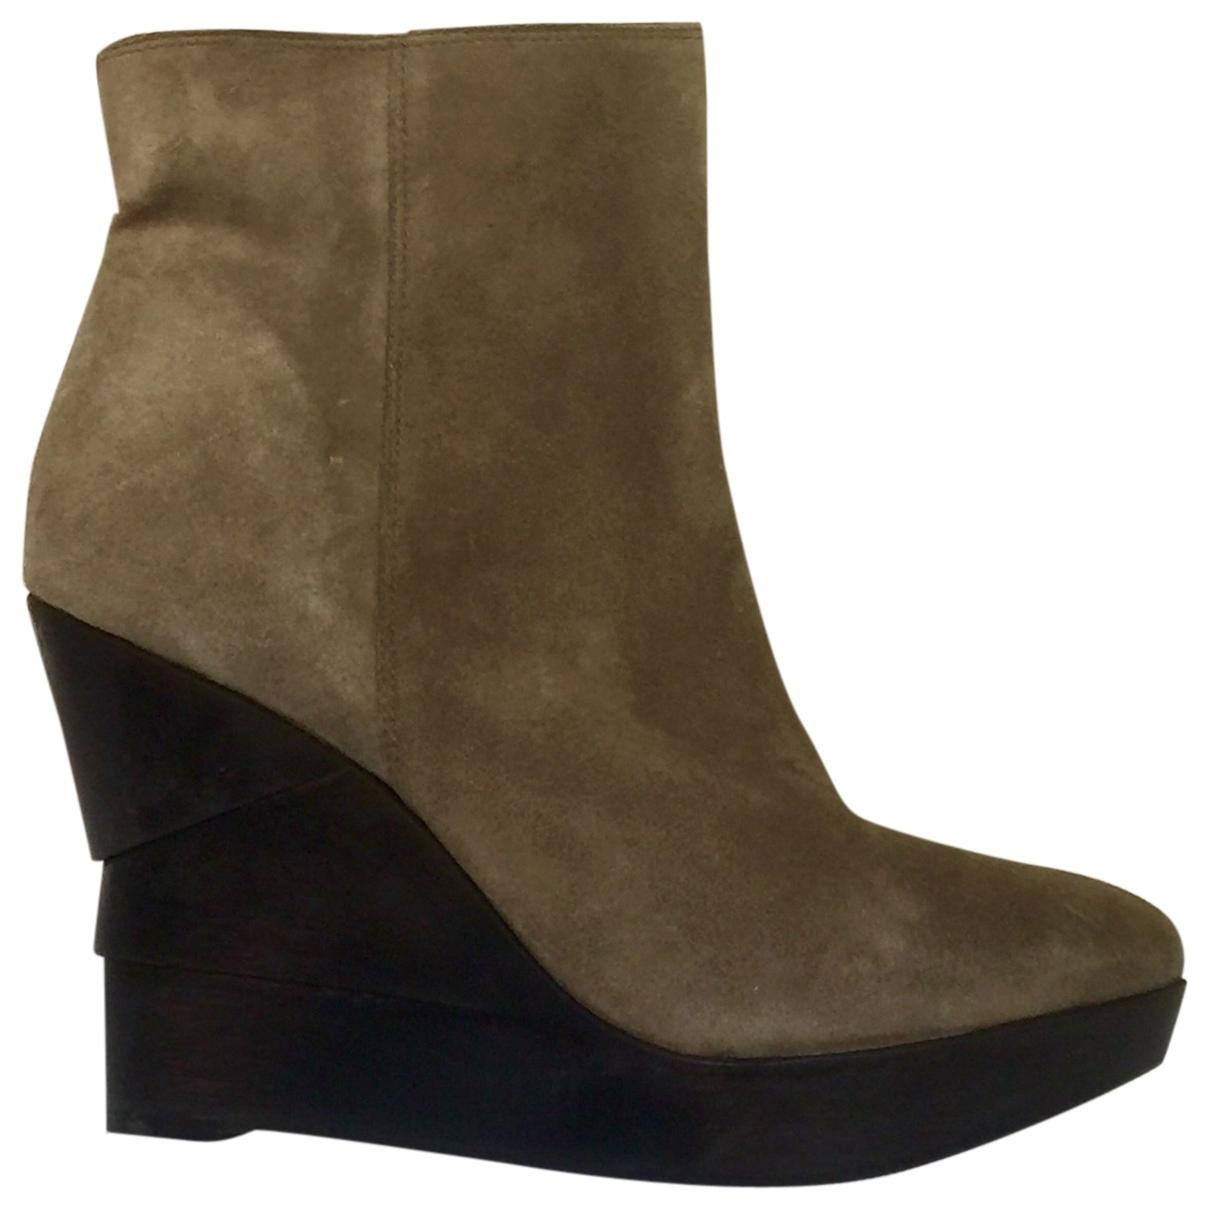 Diane Von Furstenberg \N Suede Ankle boots for Women 9 US